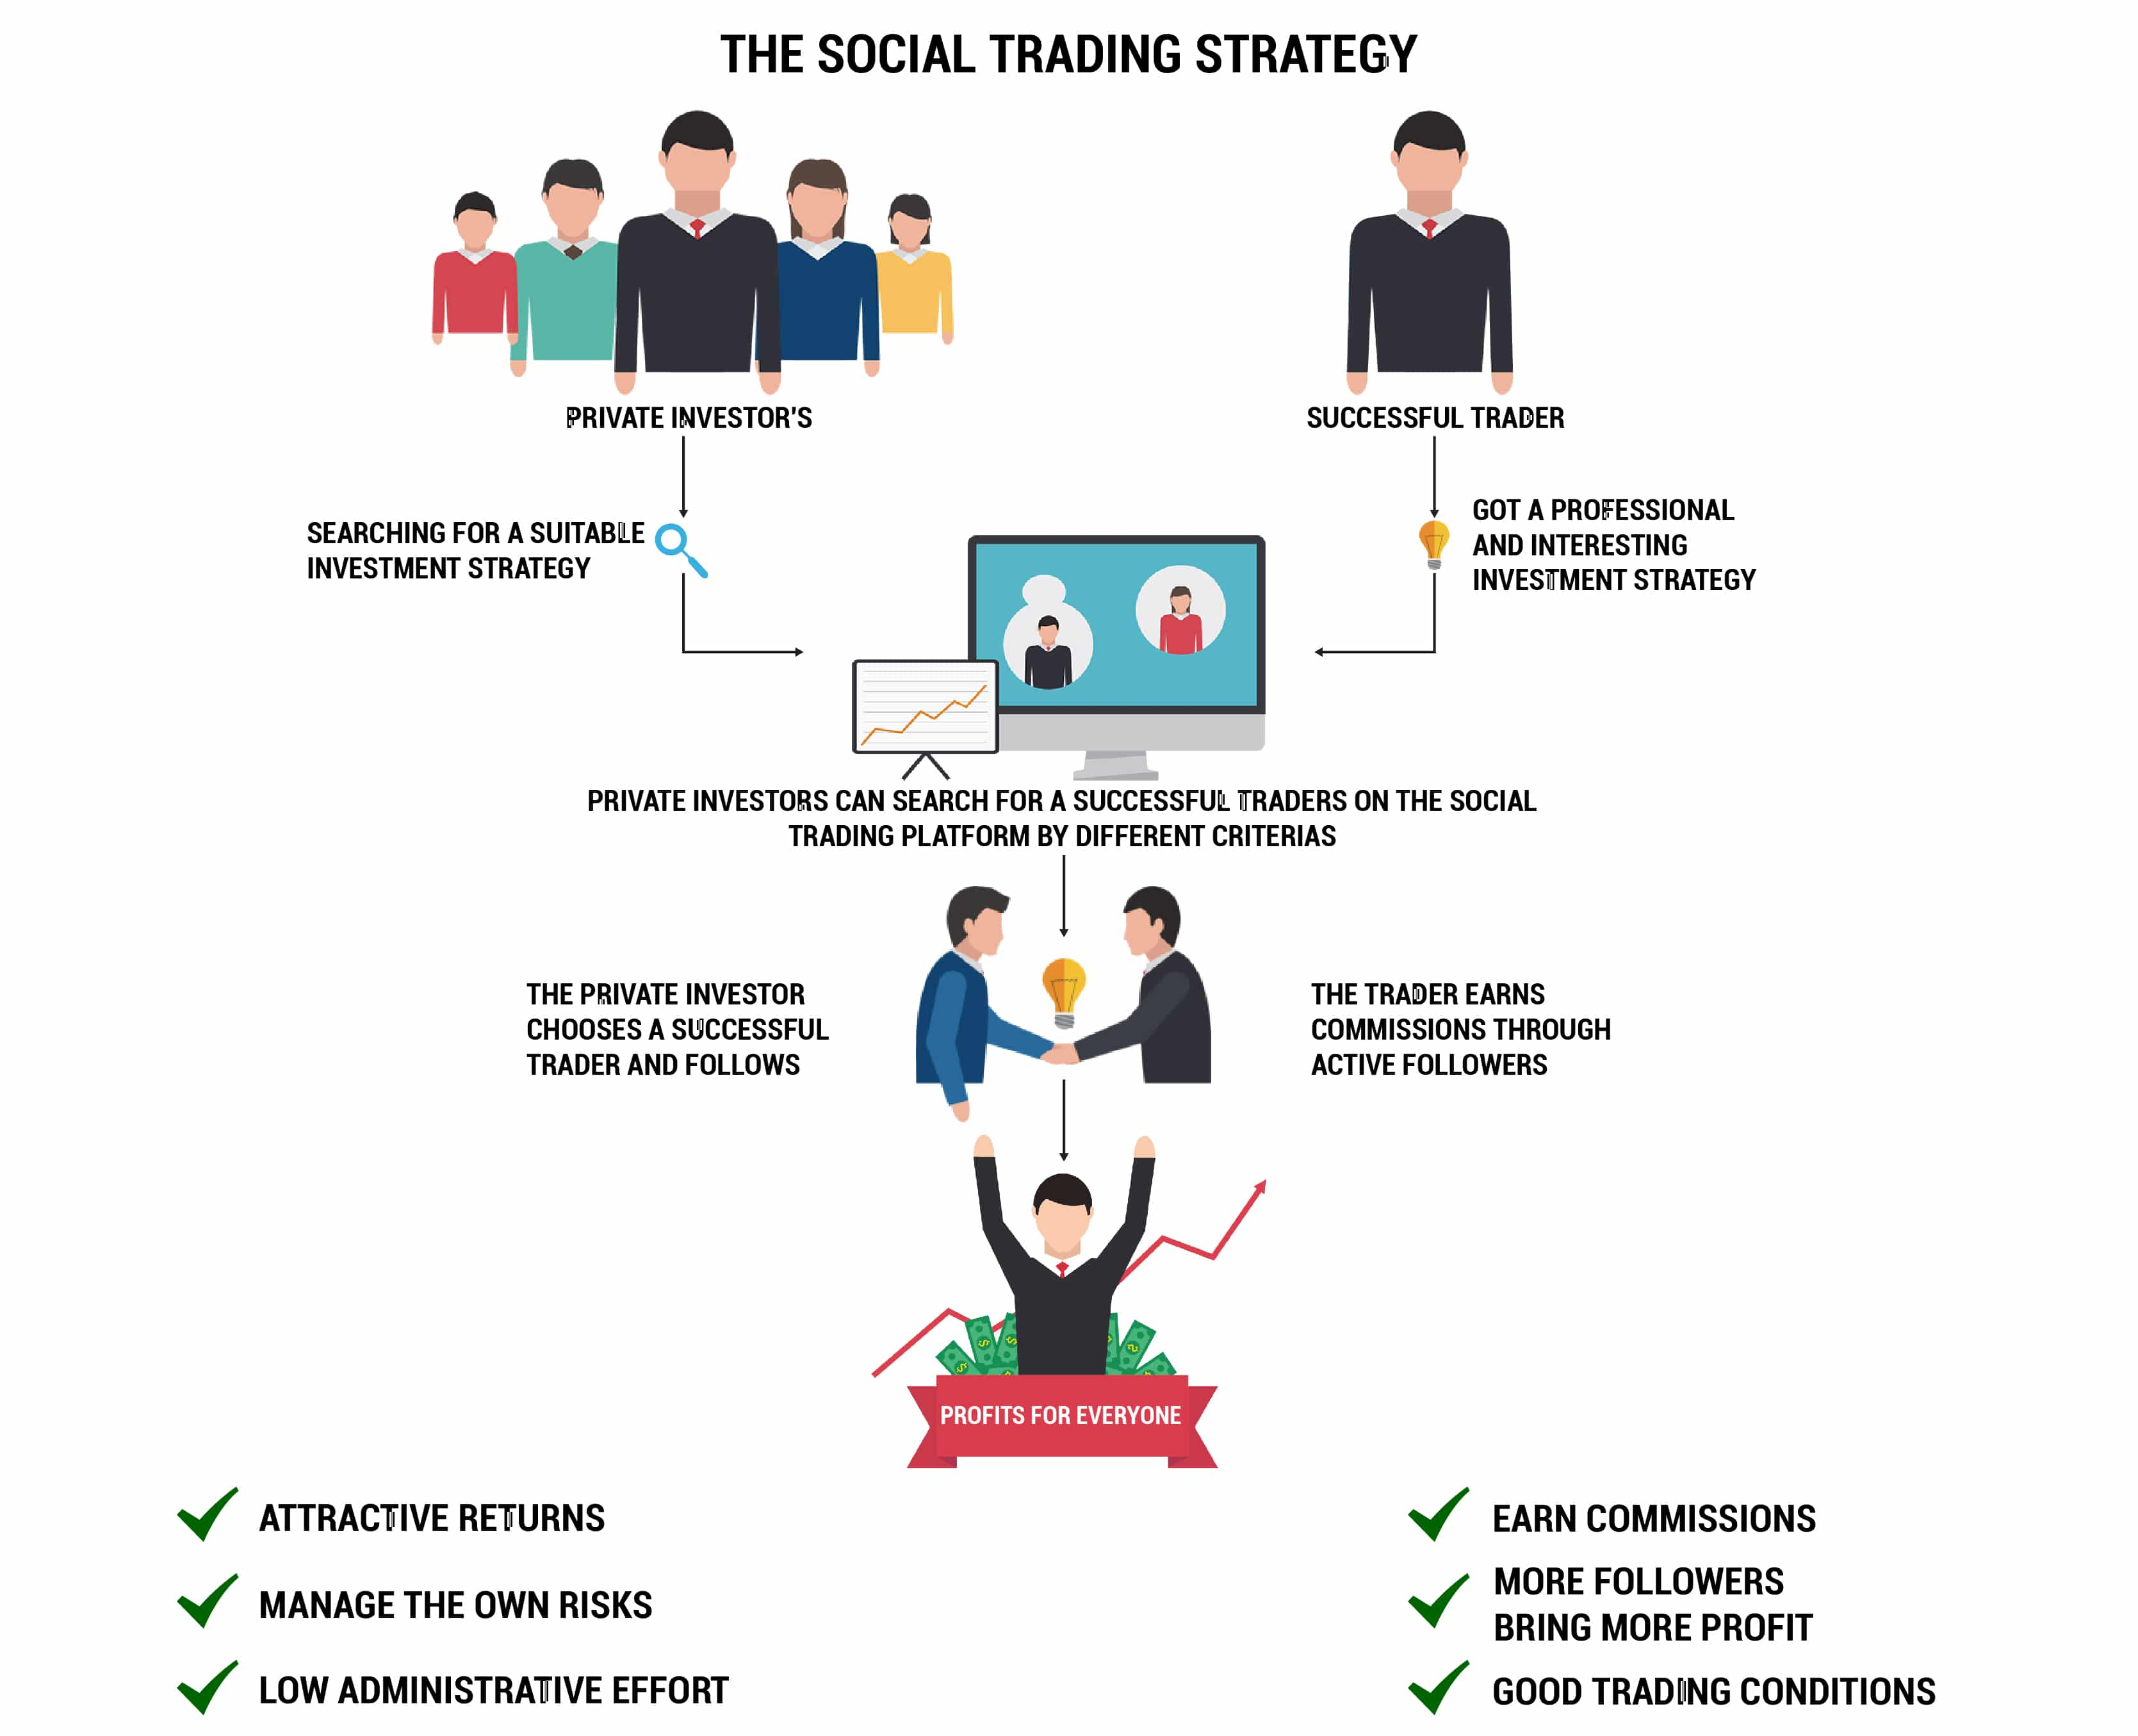 hivatásos kereskedők kereskedési stratégiái